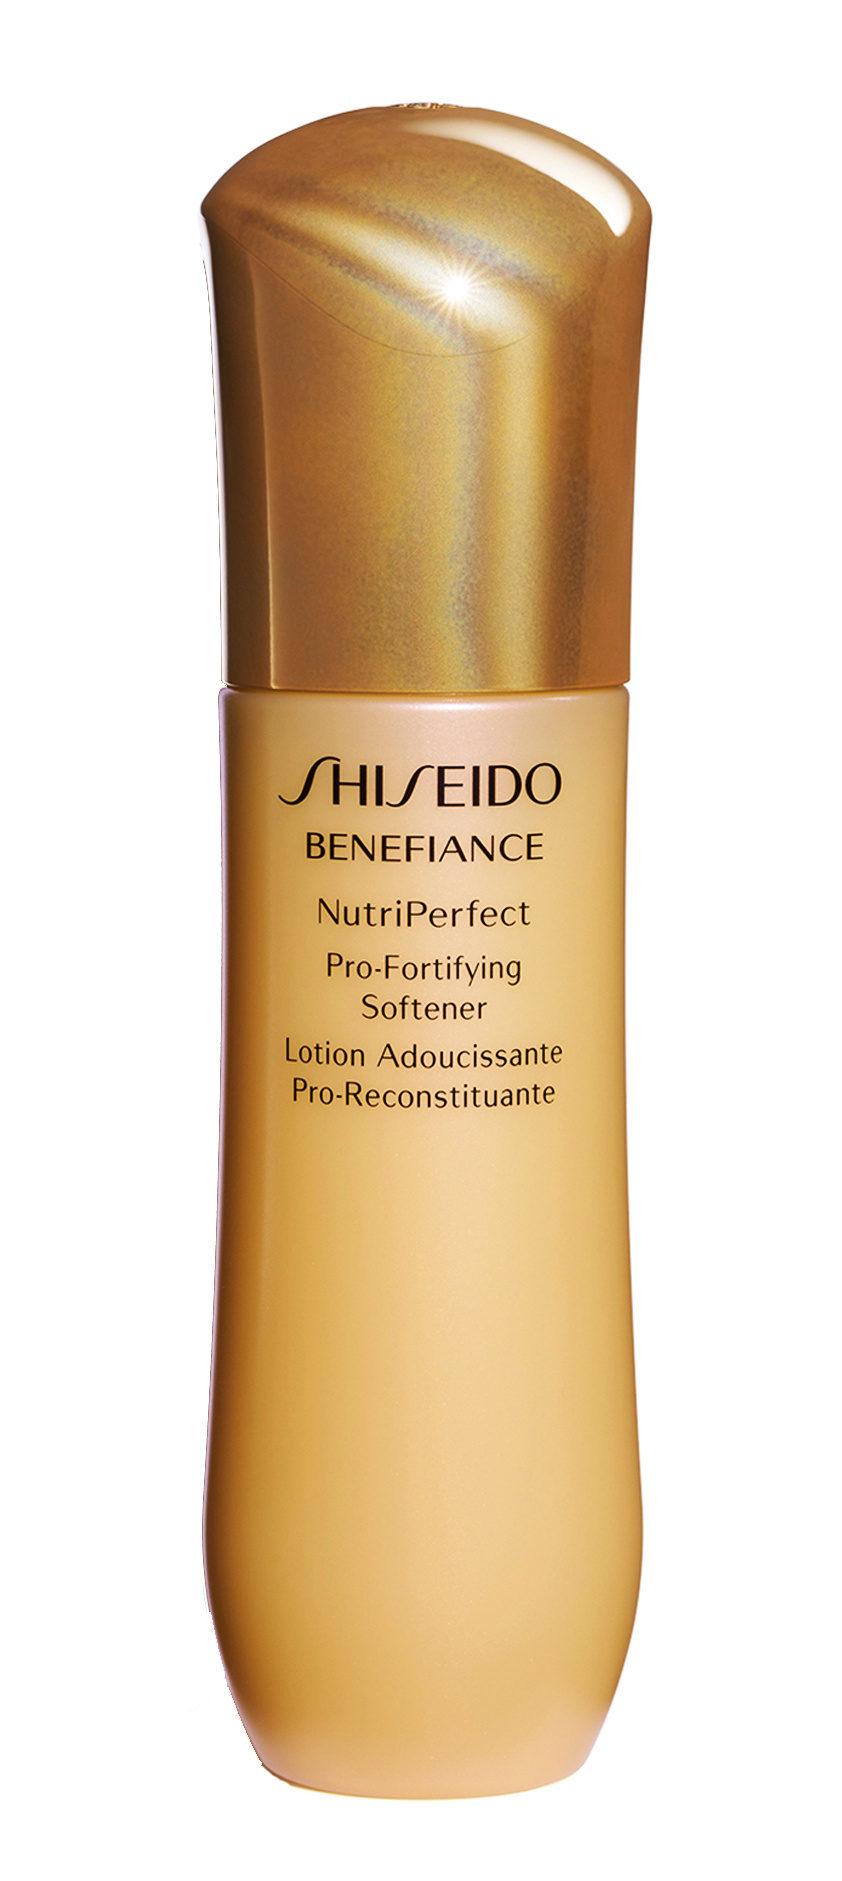 Bénéfiance NutriPerfect - Lotion Adoucissante Pro-reconstituante - Product